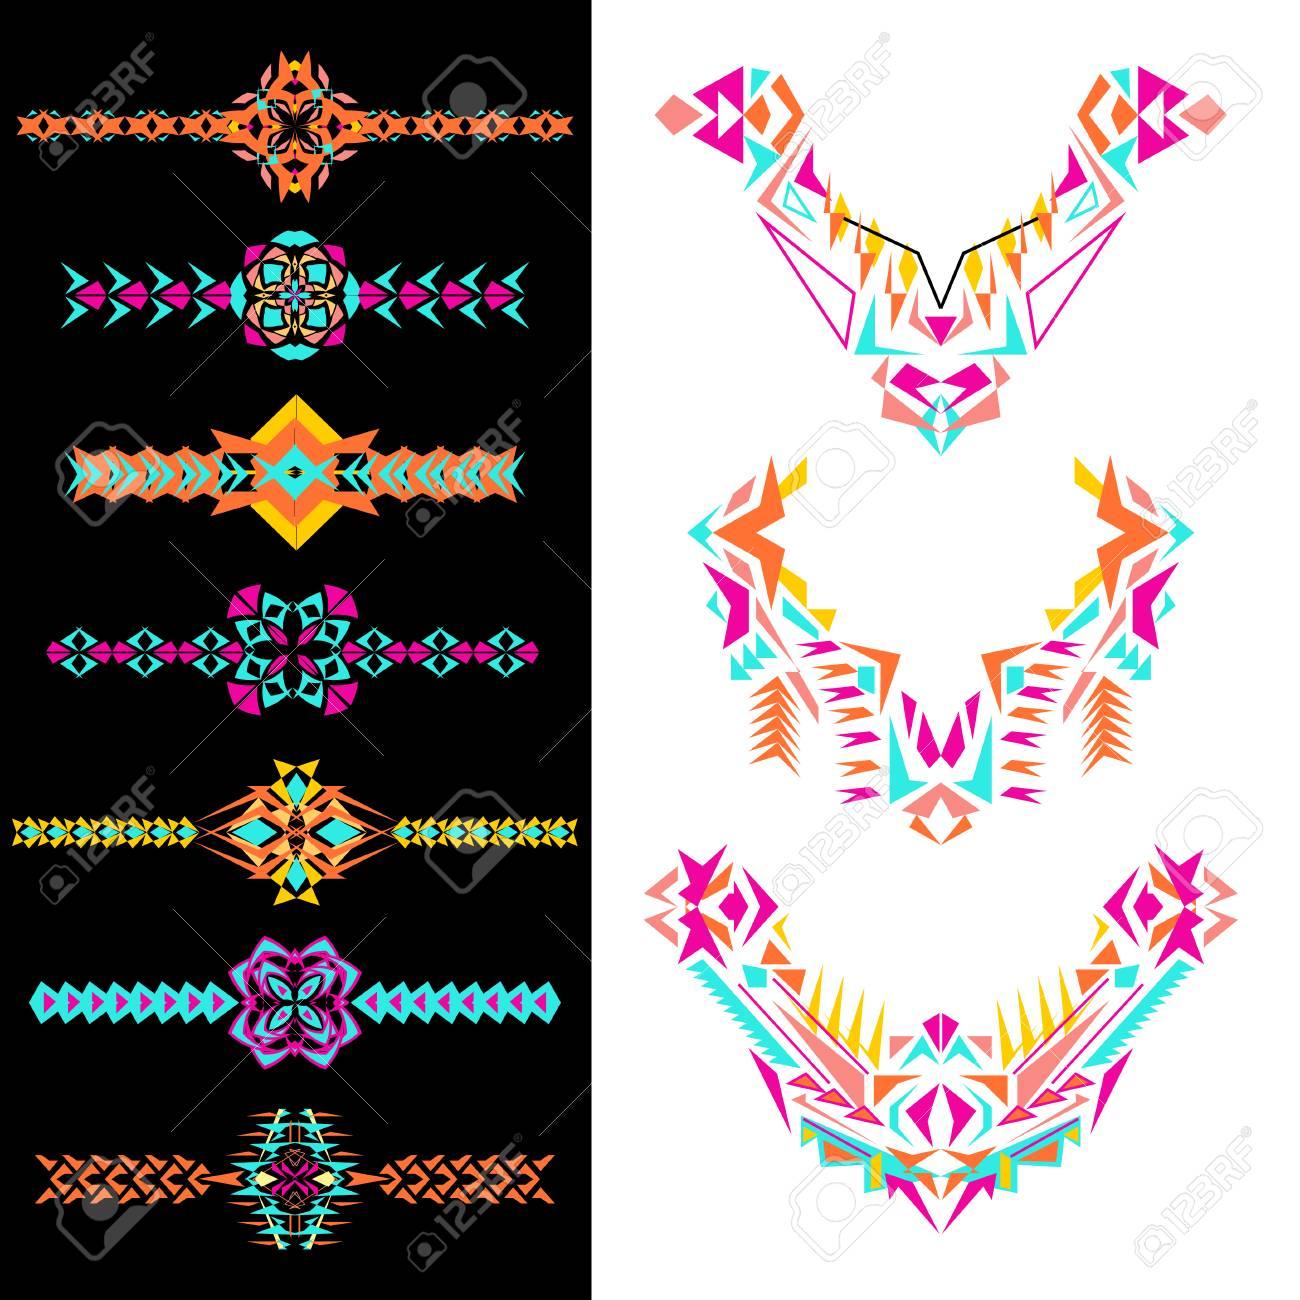 Conjunto De Elementos Decorativos Para El Diseño Y La Moda En El Estilo étnico Tribal Escote Bordes Y Patrones Azteca Adornos